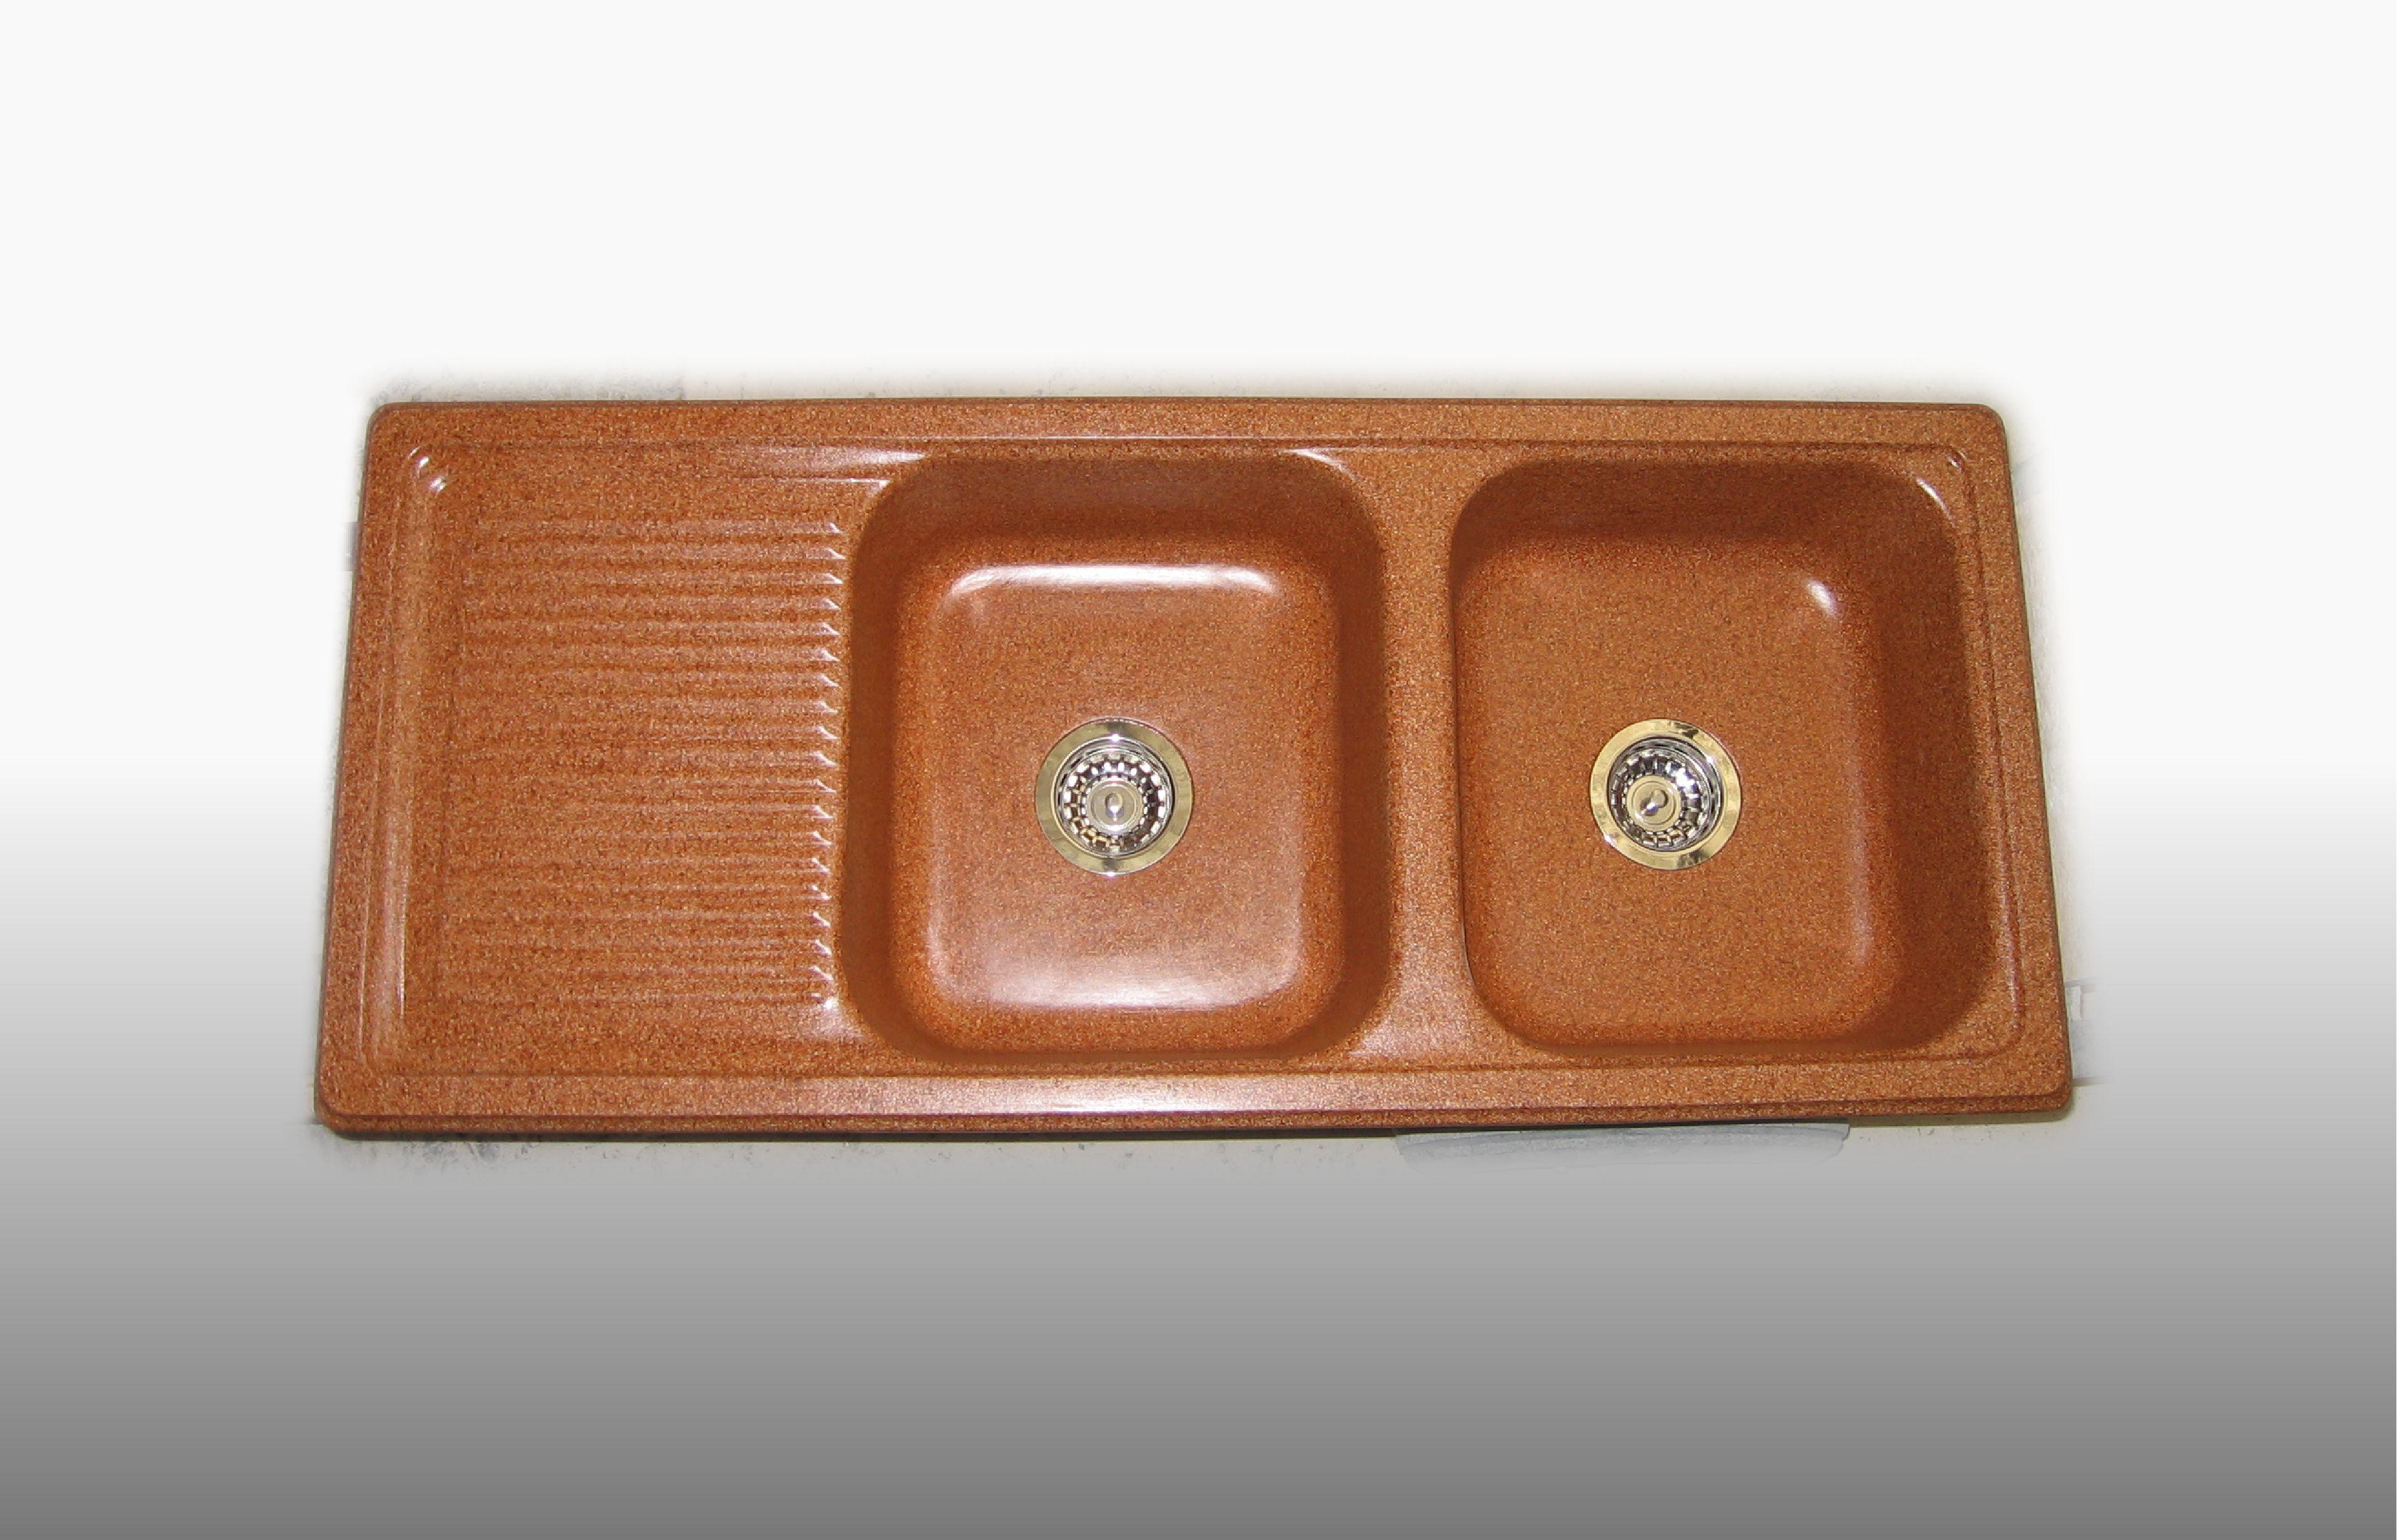 Lavello da incasso in graniglia 2 Vasche e gocciolatoio misura 116x50 cm  - prezzo 370,00 - 500 €